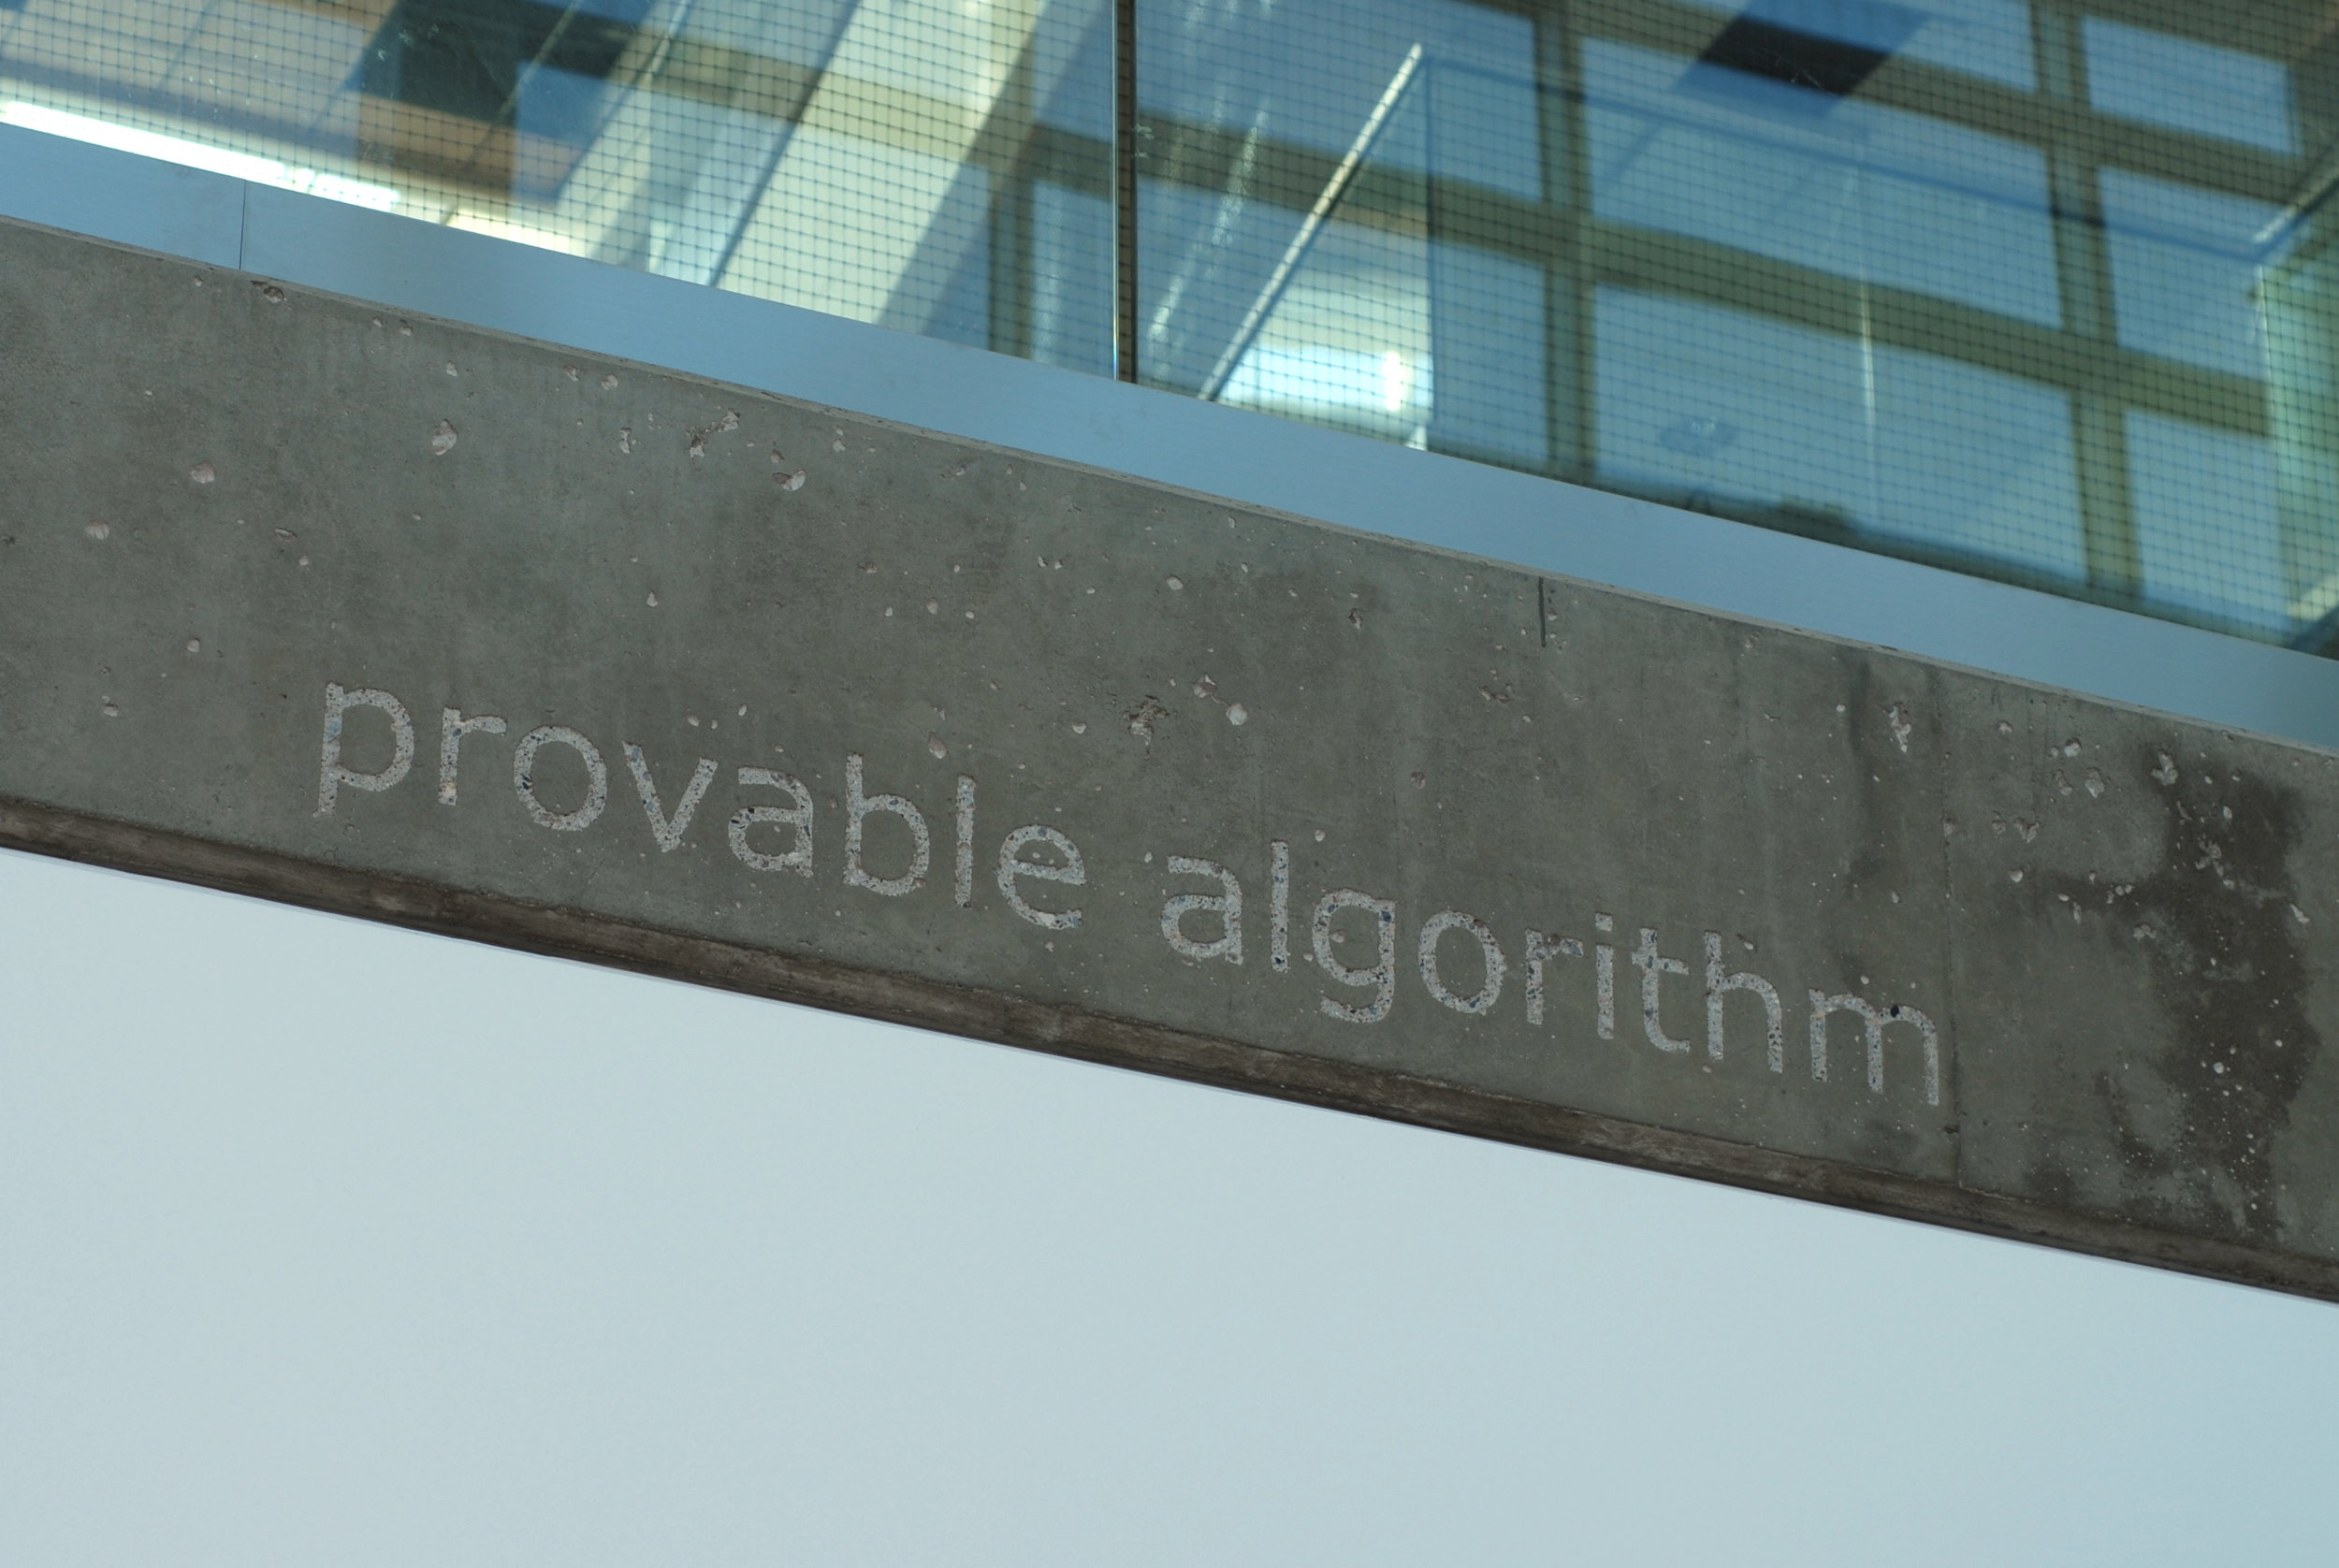 Noestheden 2007-8 University of Regina Lab Building commission detail 7 of 128.jpg.JPG